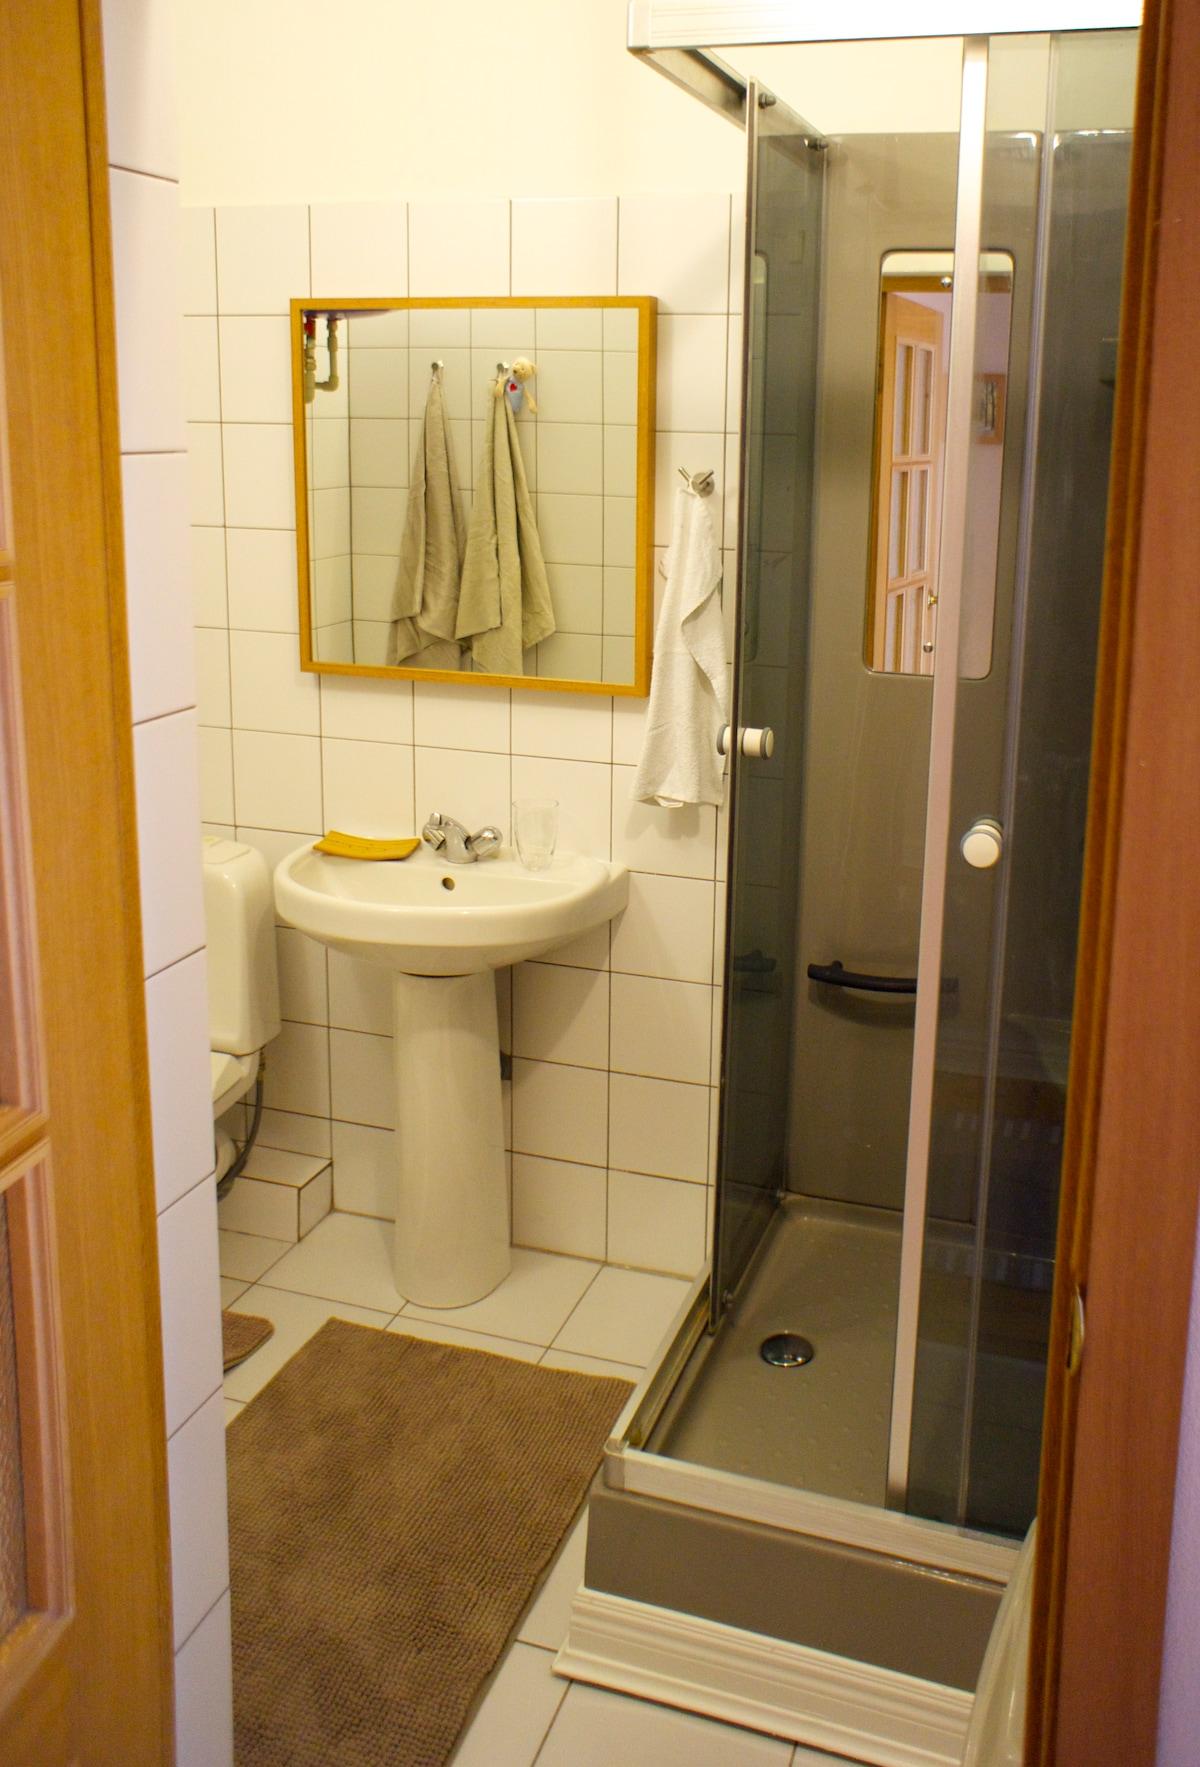 Ванная комната - светлые стены и очень мягкие коврики на полу, способствуют приятному пробуждению утром.